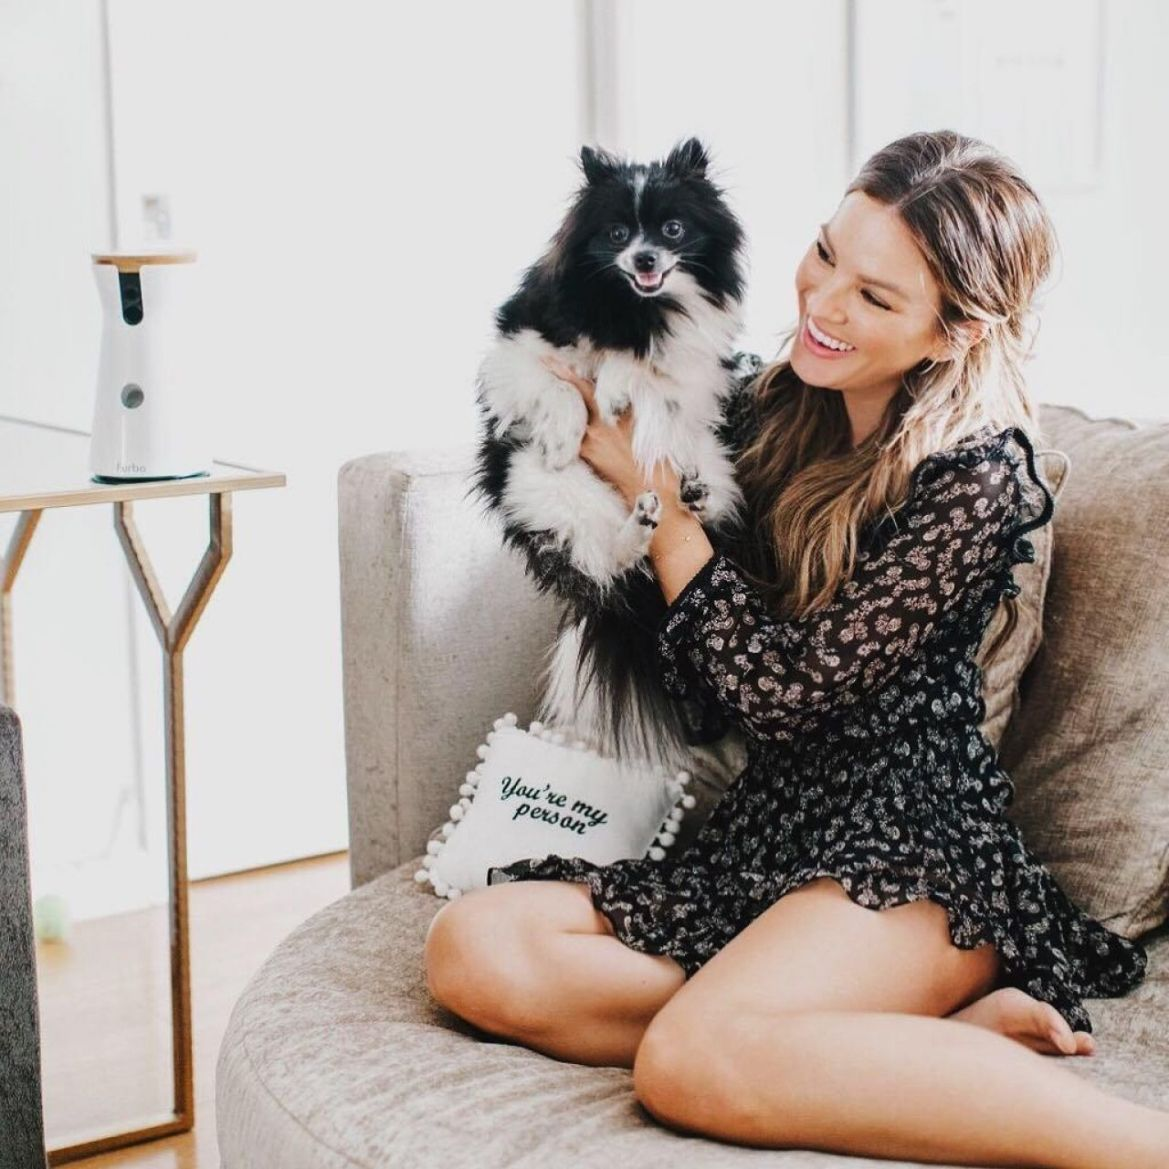 Becca Tilley in Bikini 01/02/2019